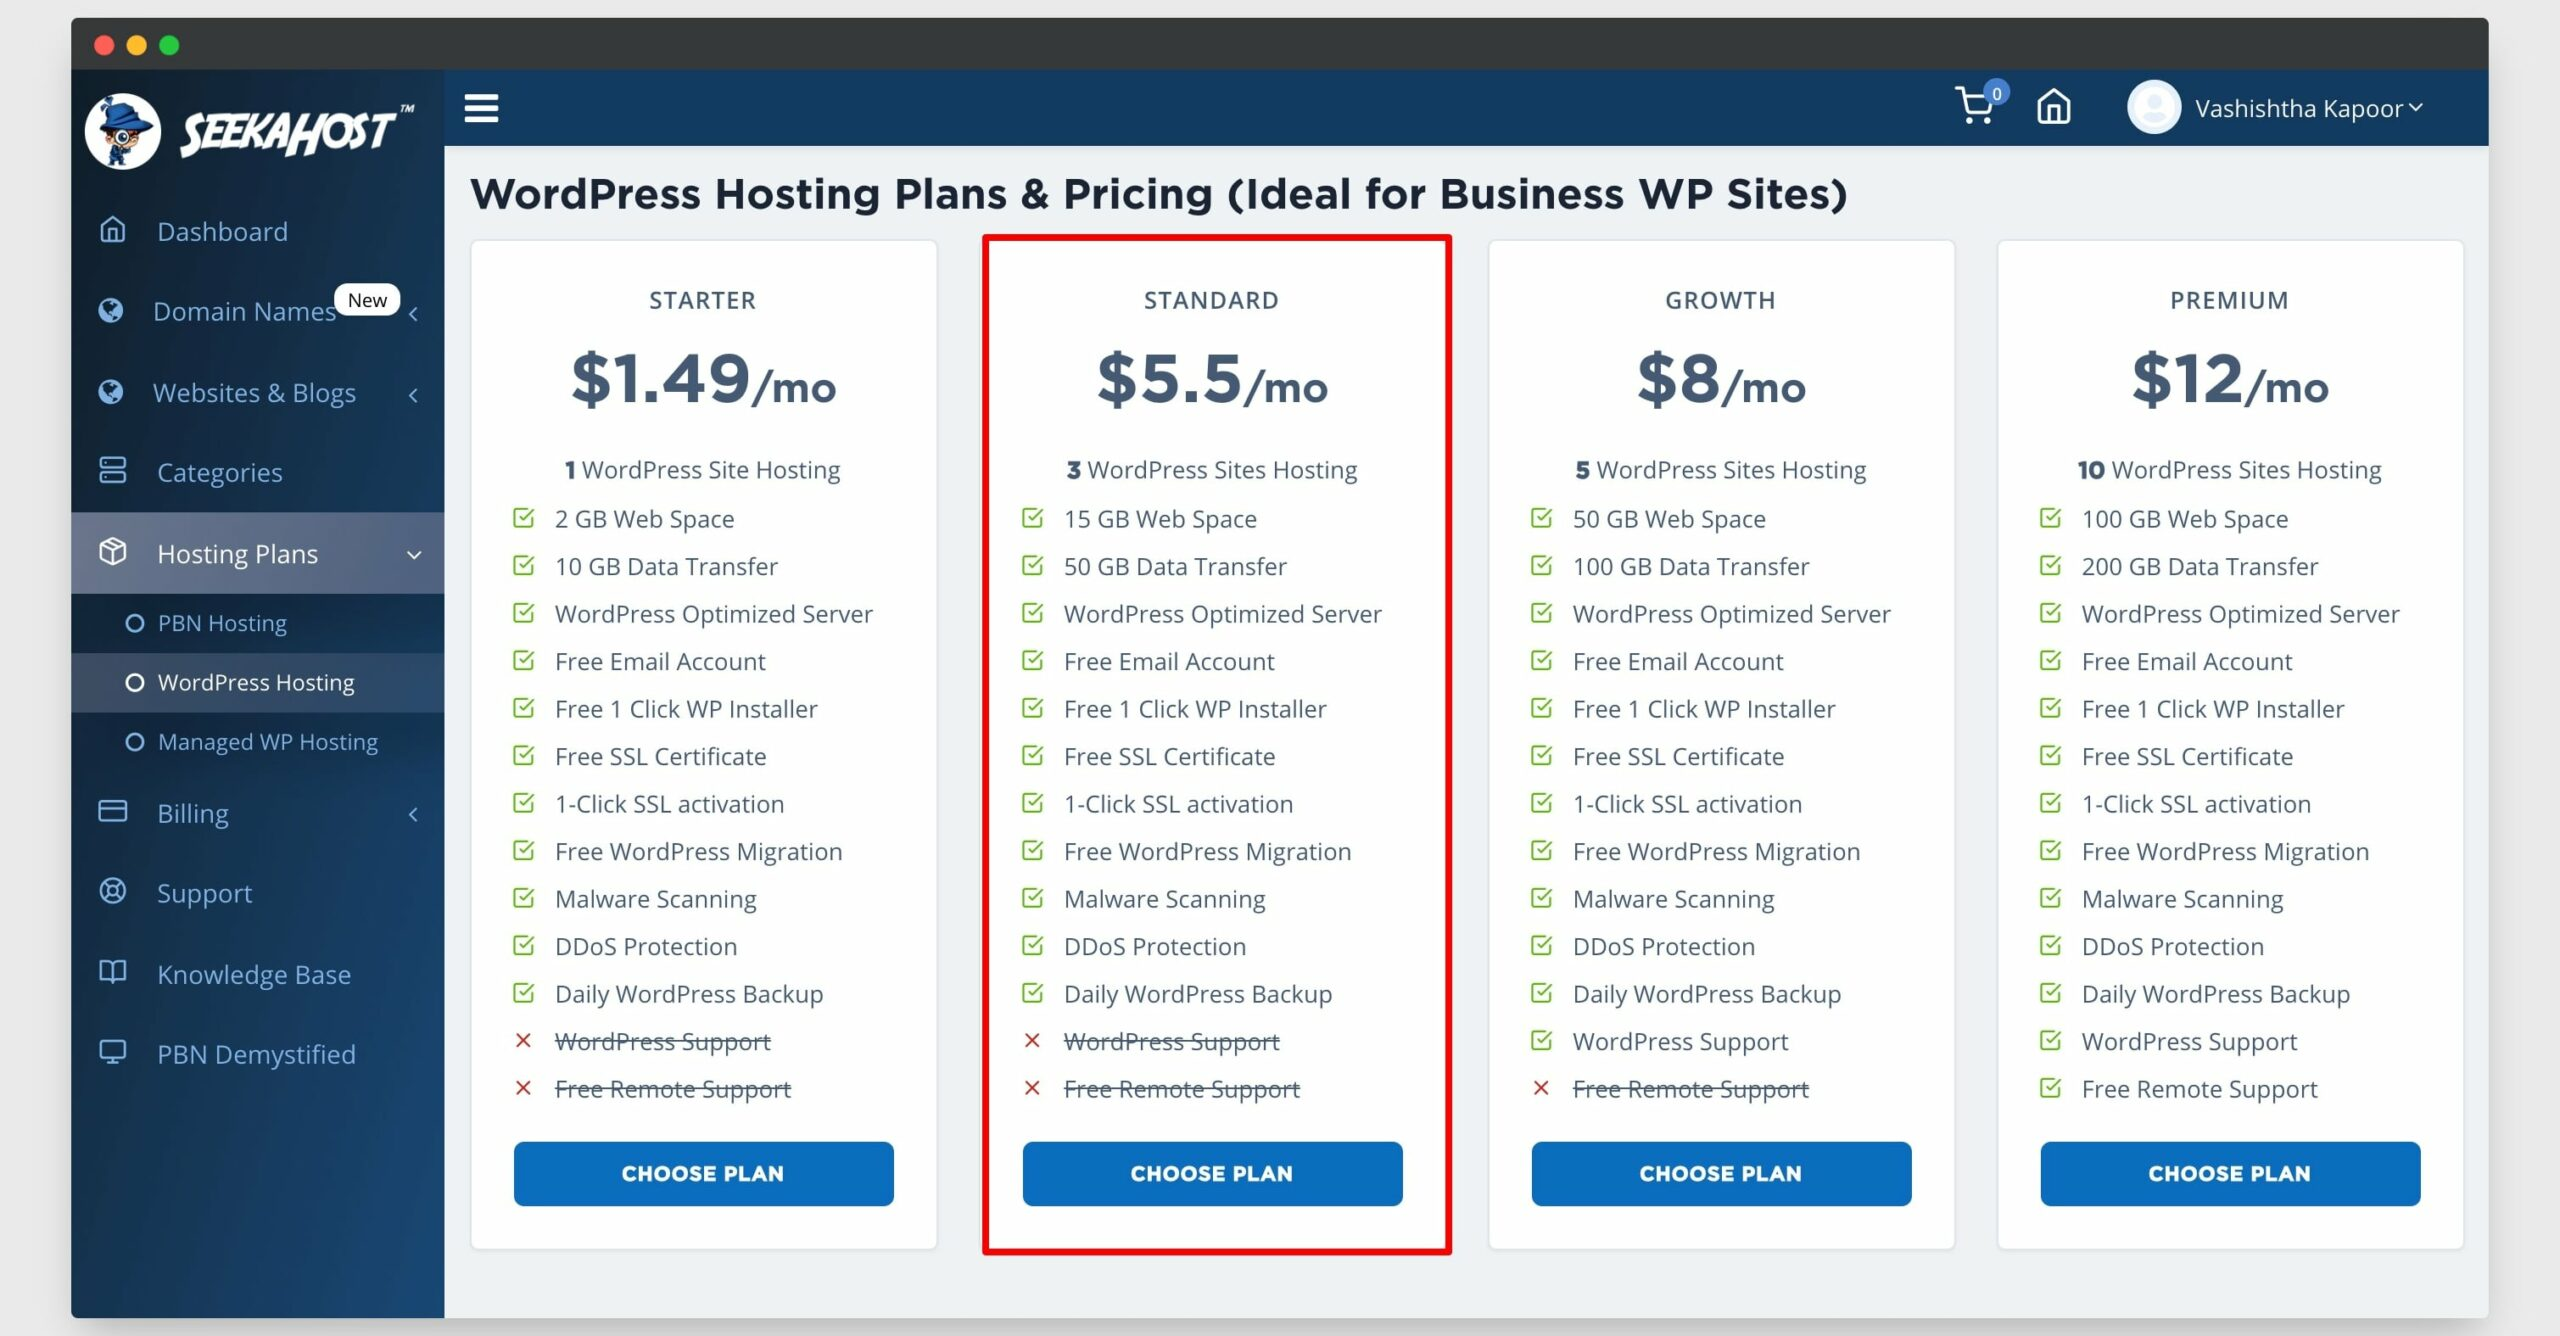 wordpress hosting plans seekahost